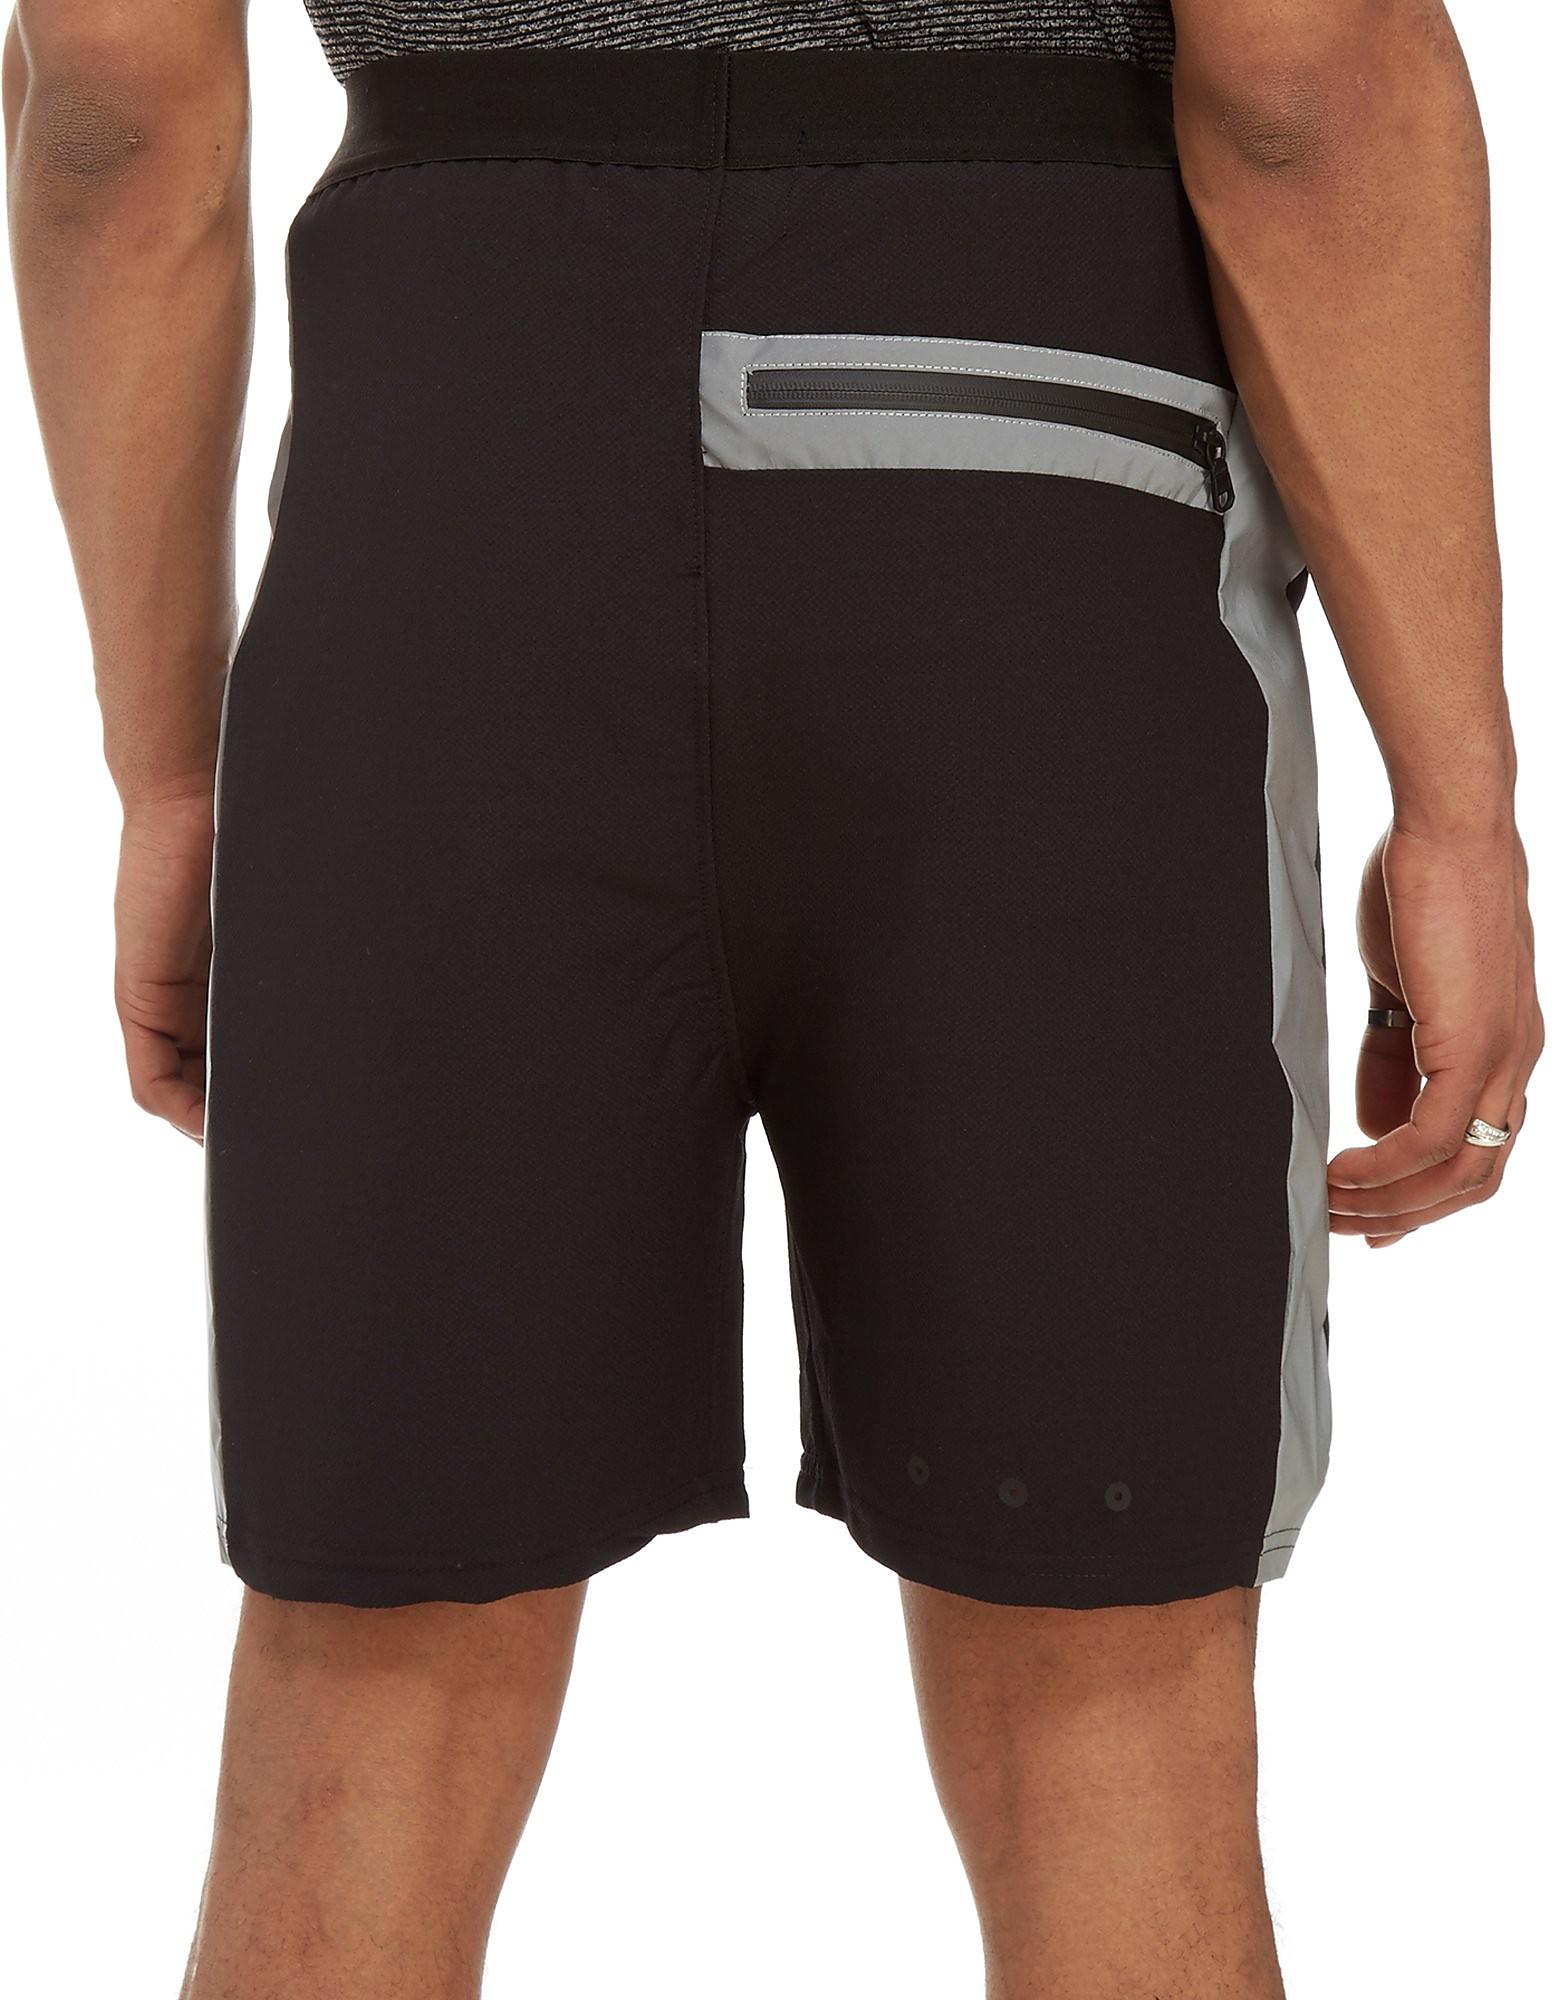 Align Boss Shorts